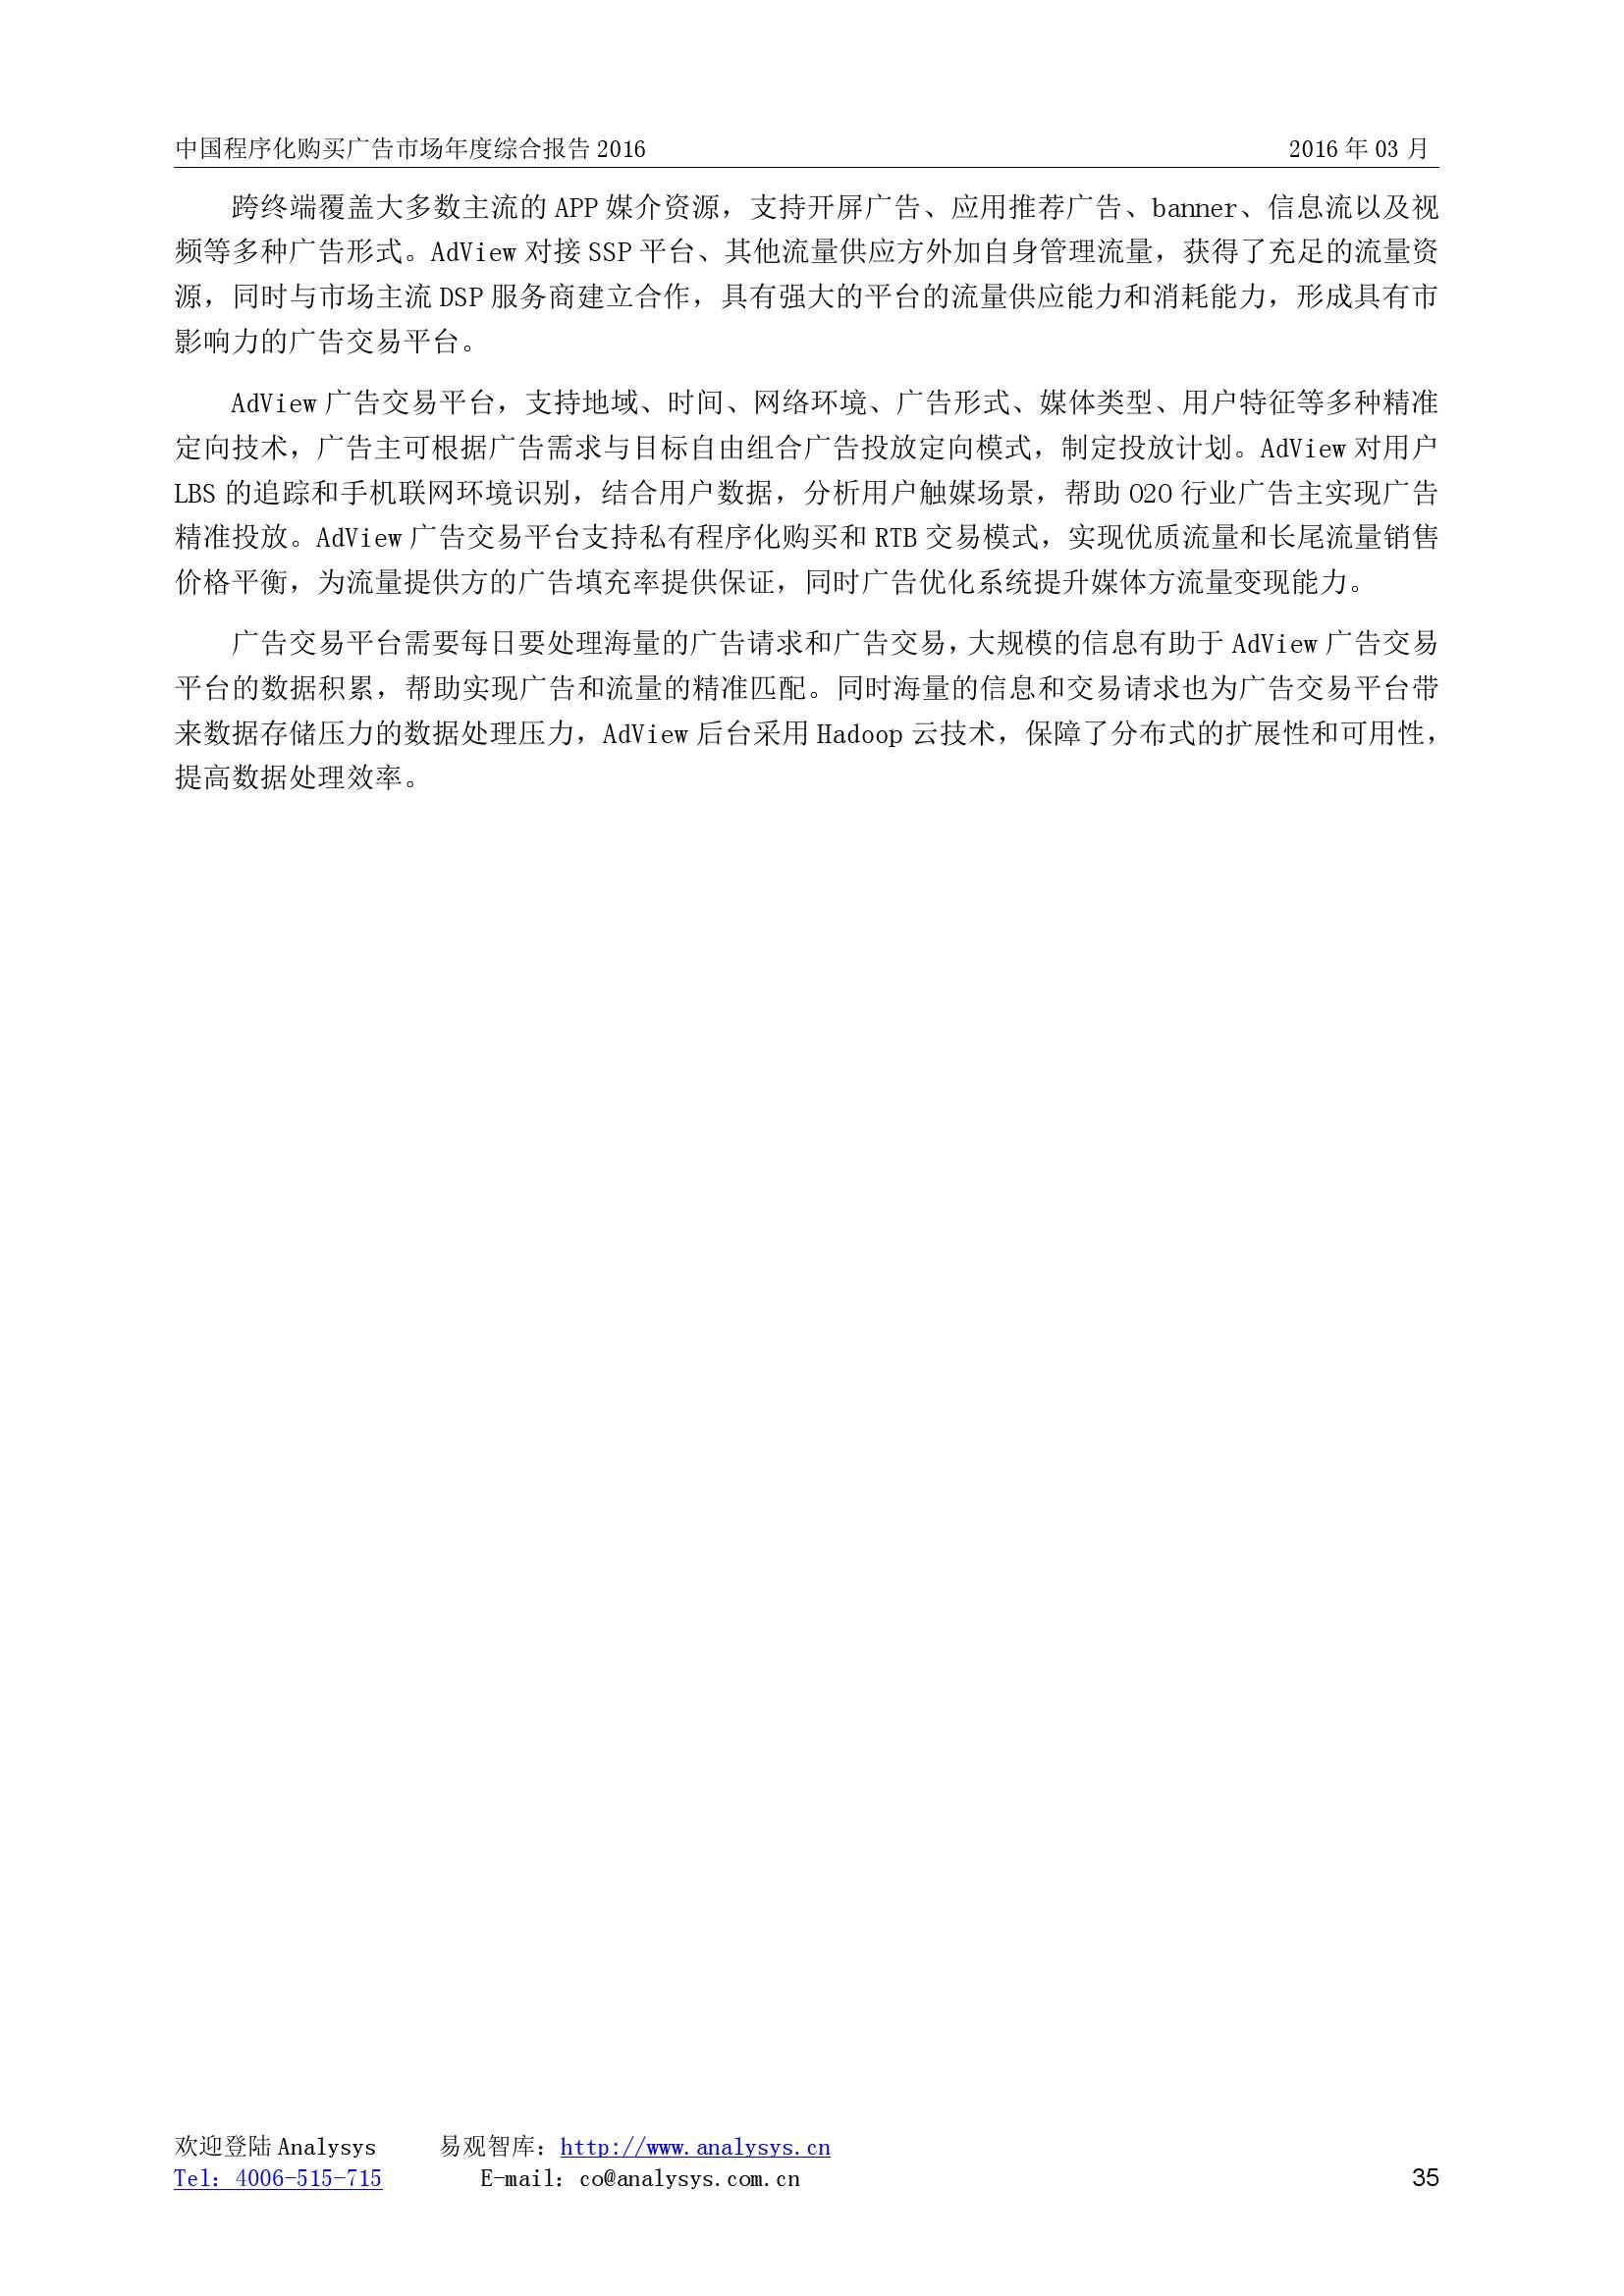 中国程序化购买广告市场年度综合报告2016_000035